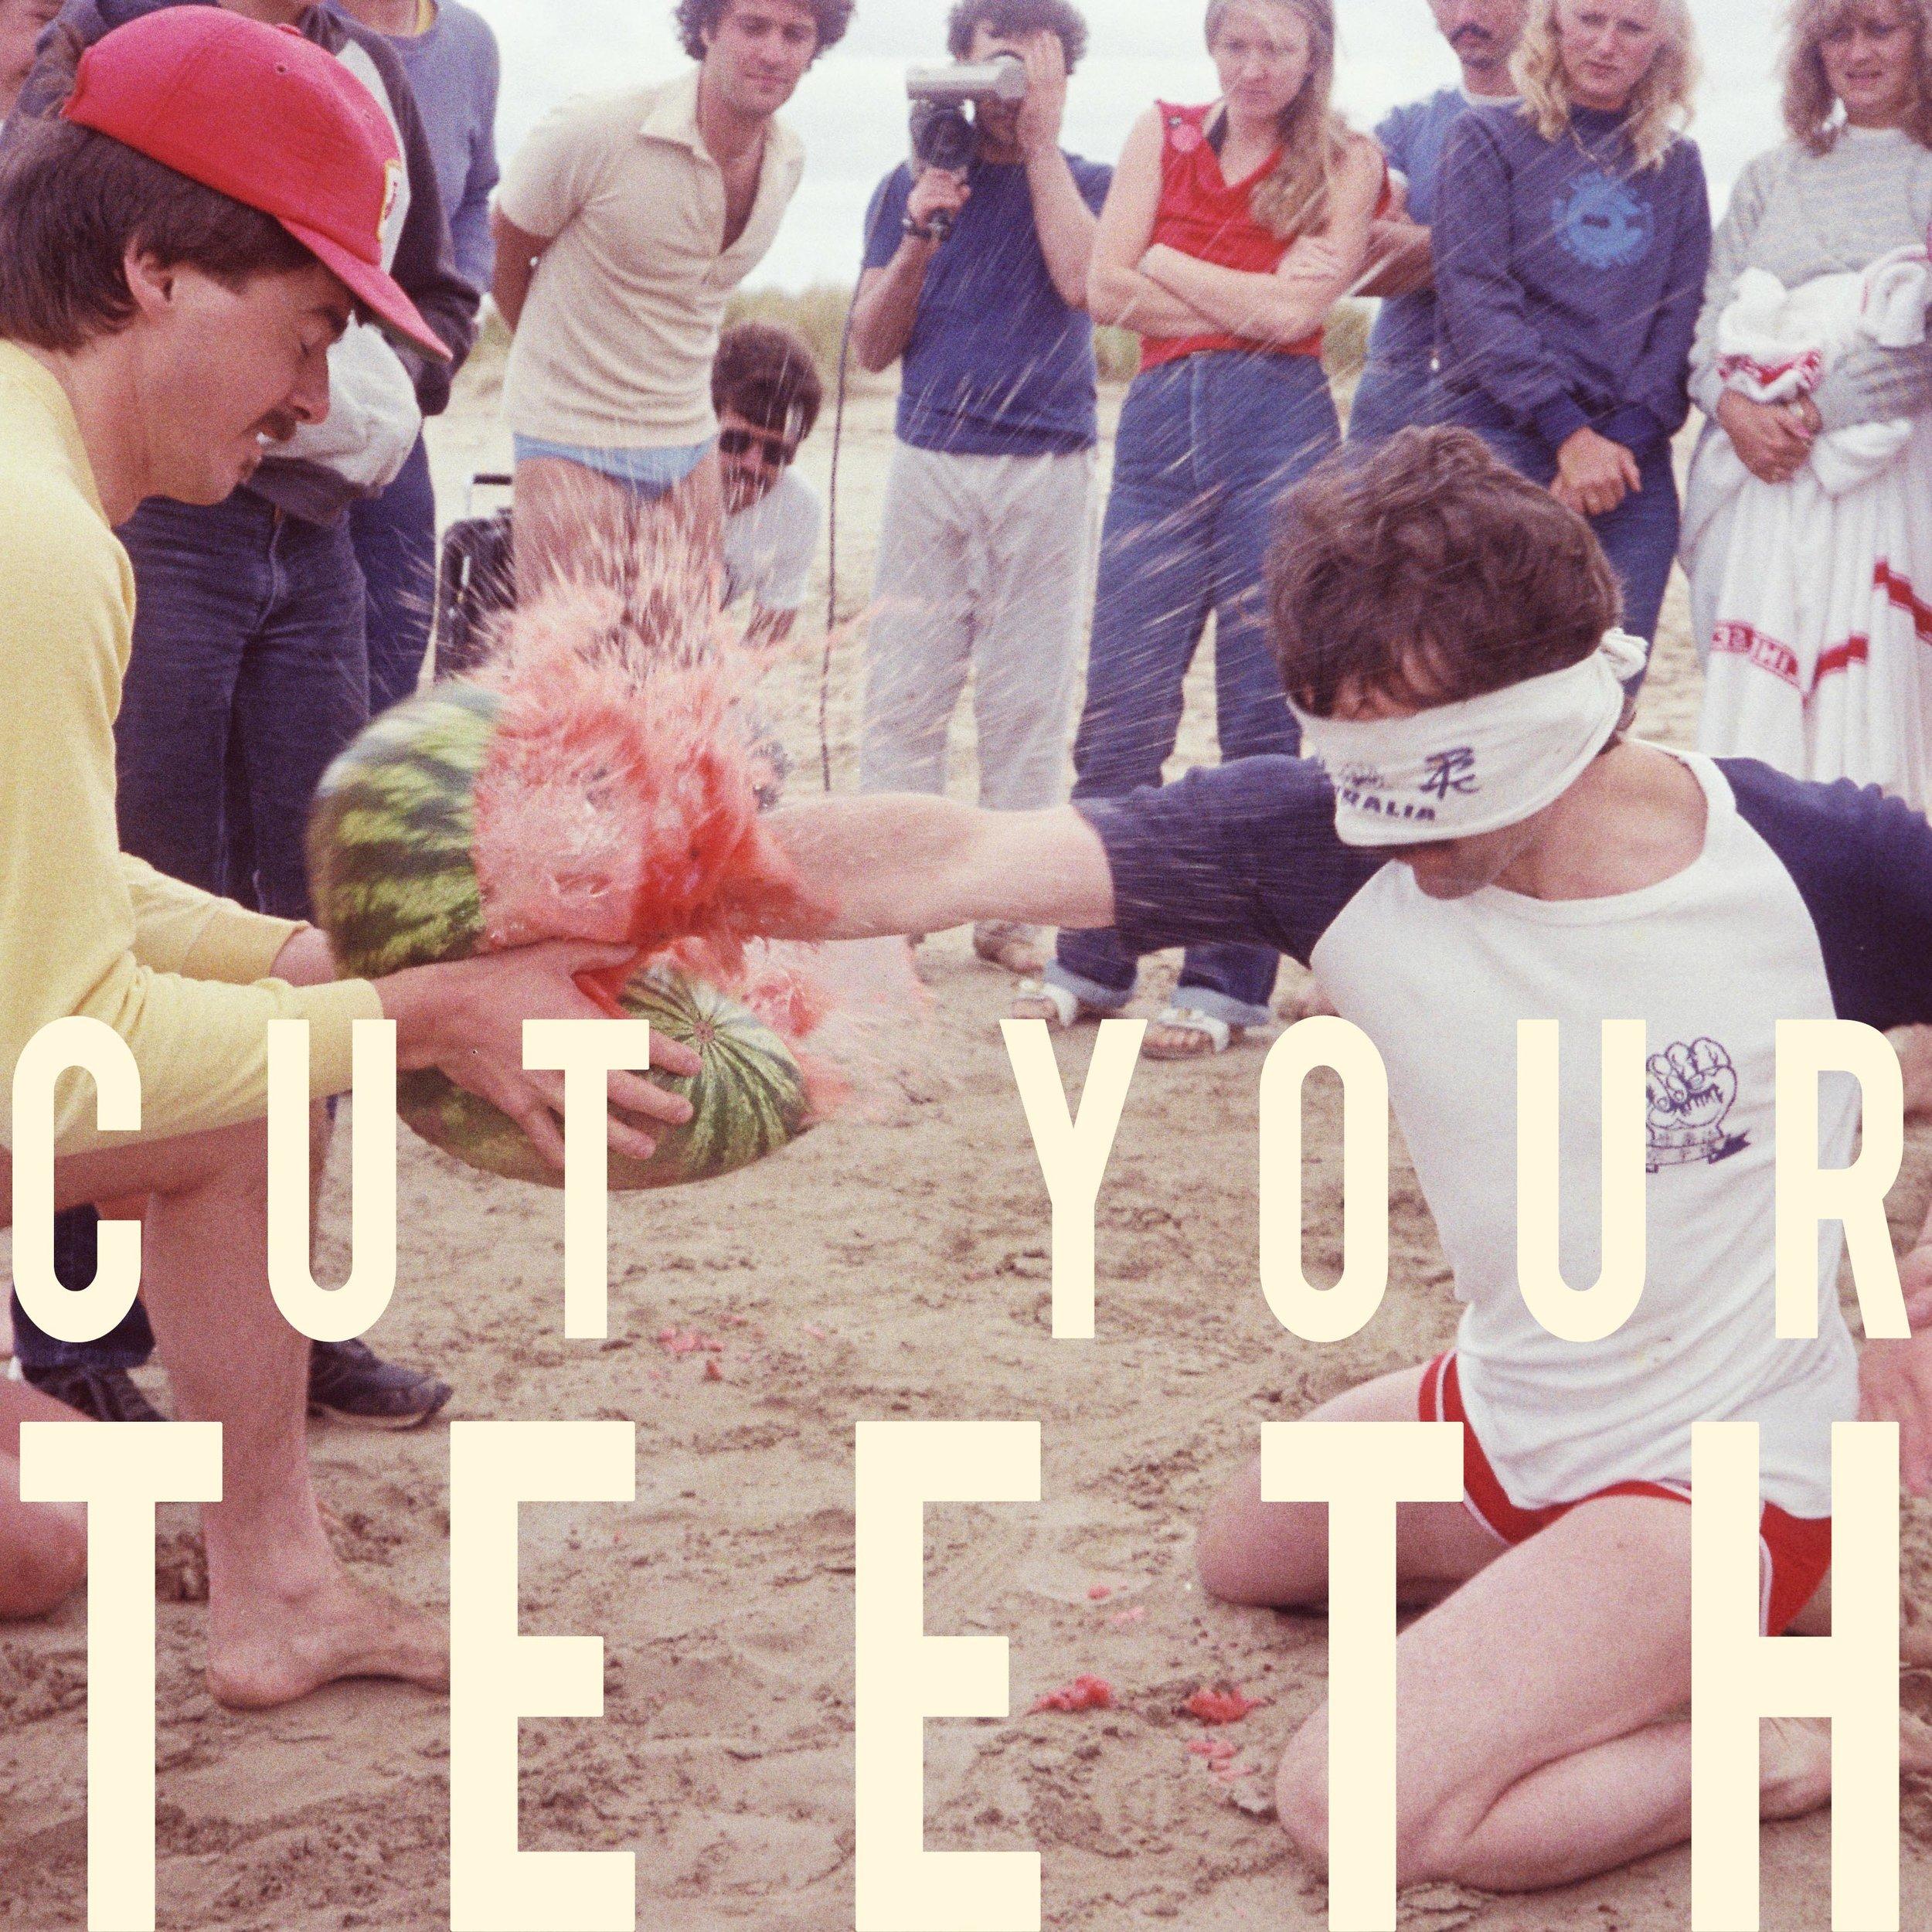 'Cut Your Teeth' LP - released 20 Sep 2019